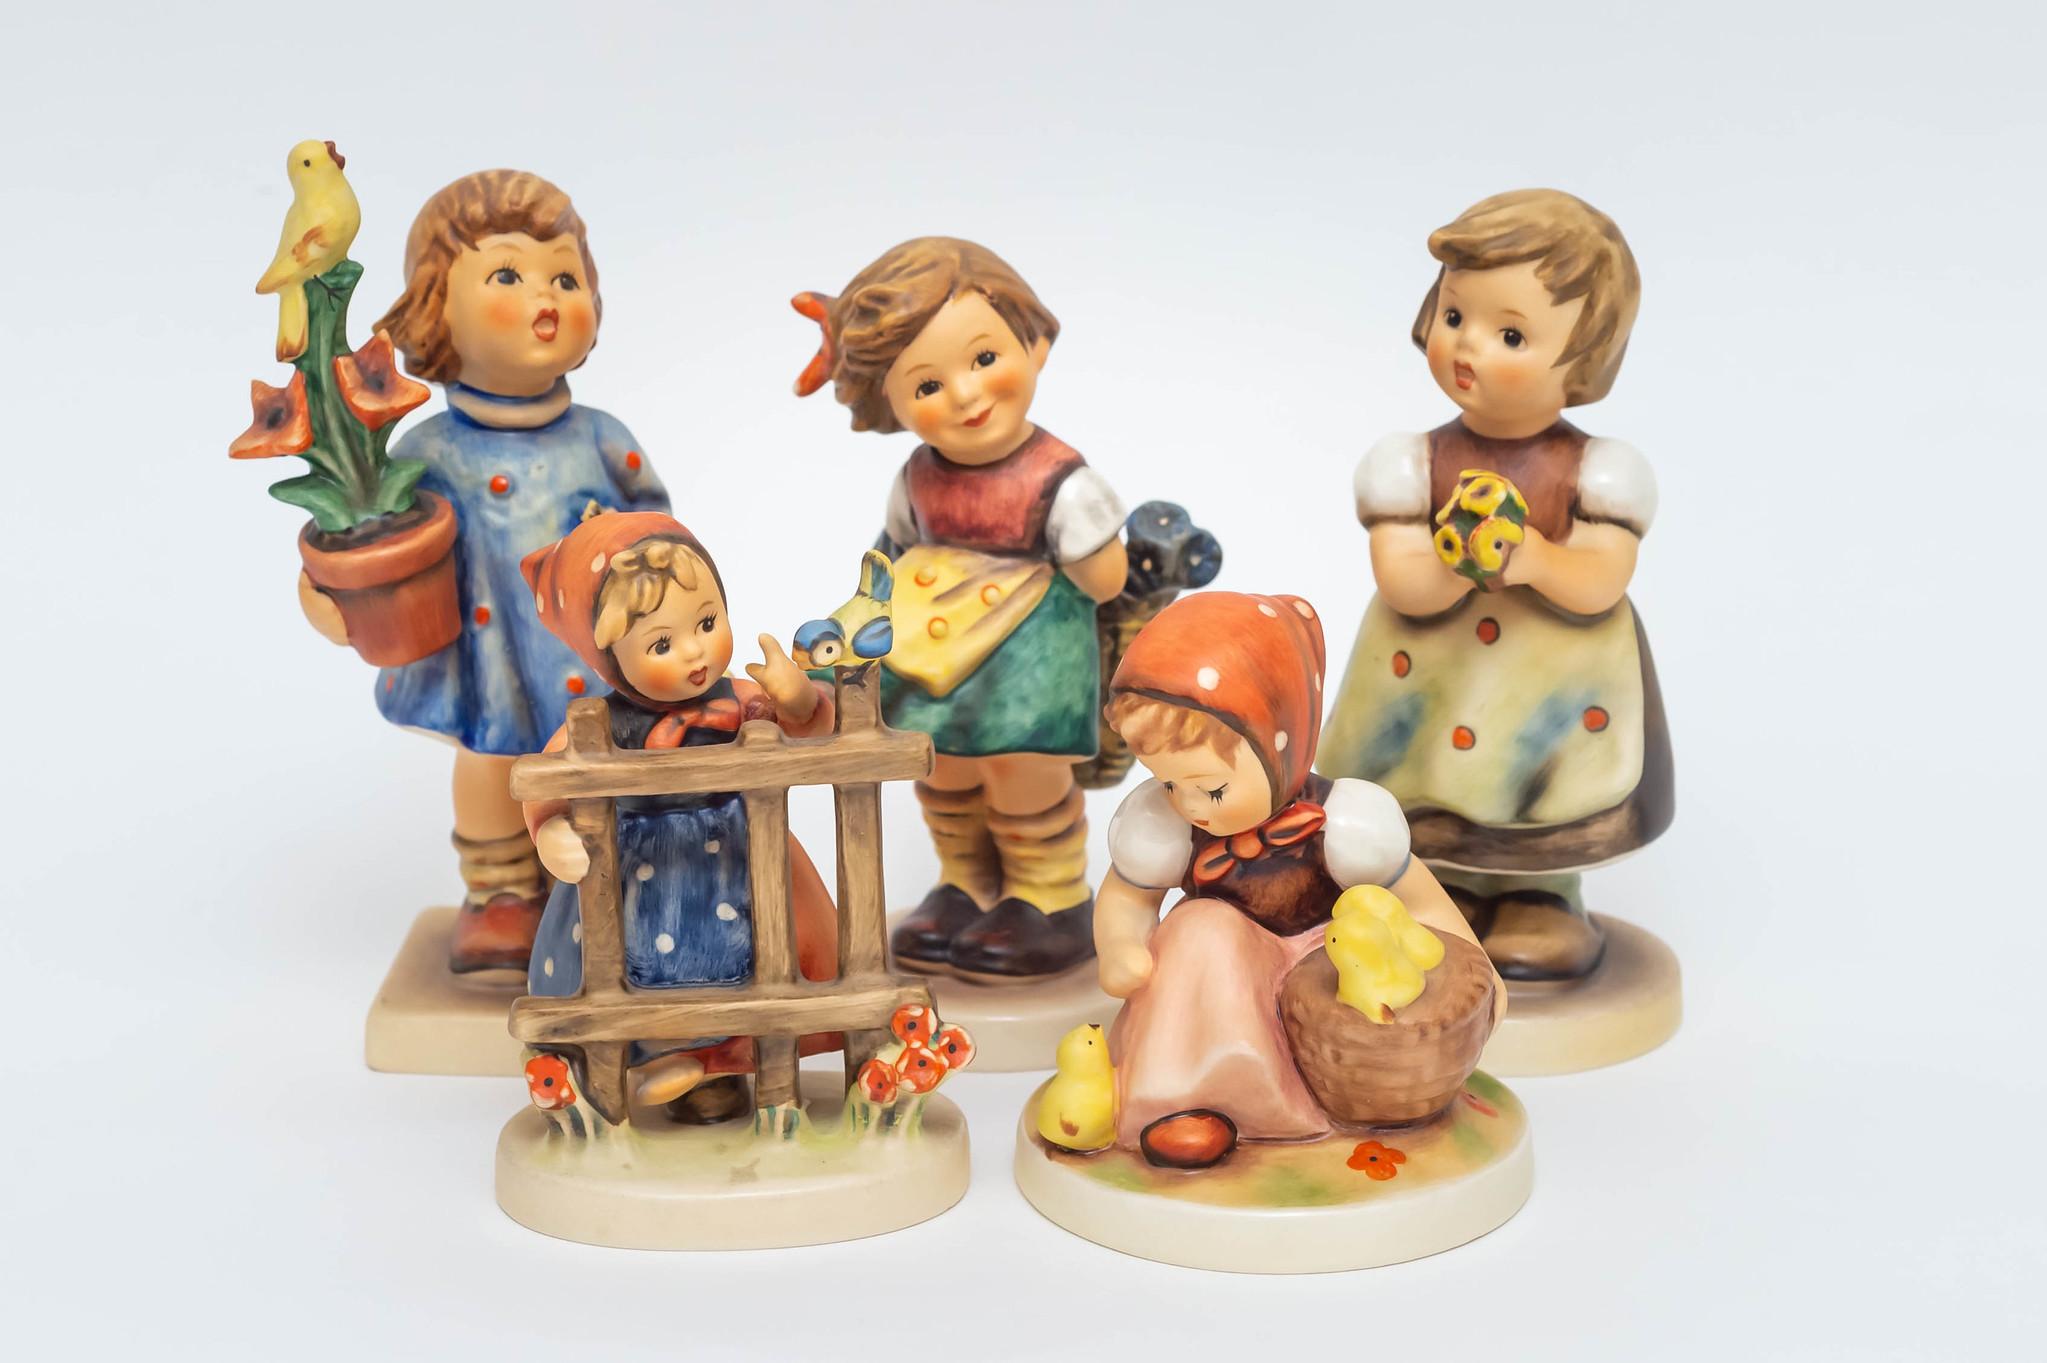 フンメル人形 / ゲーベル